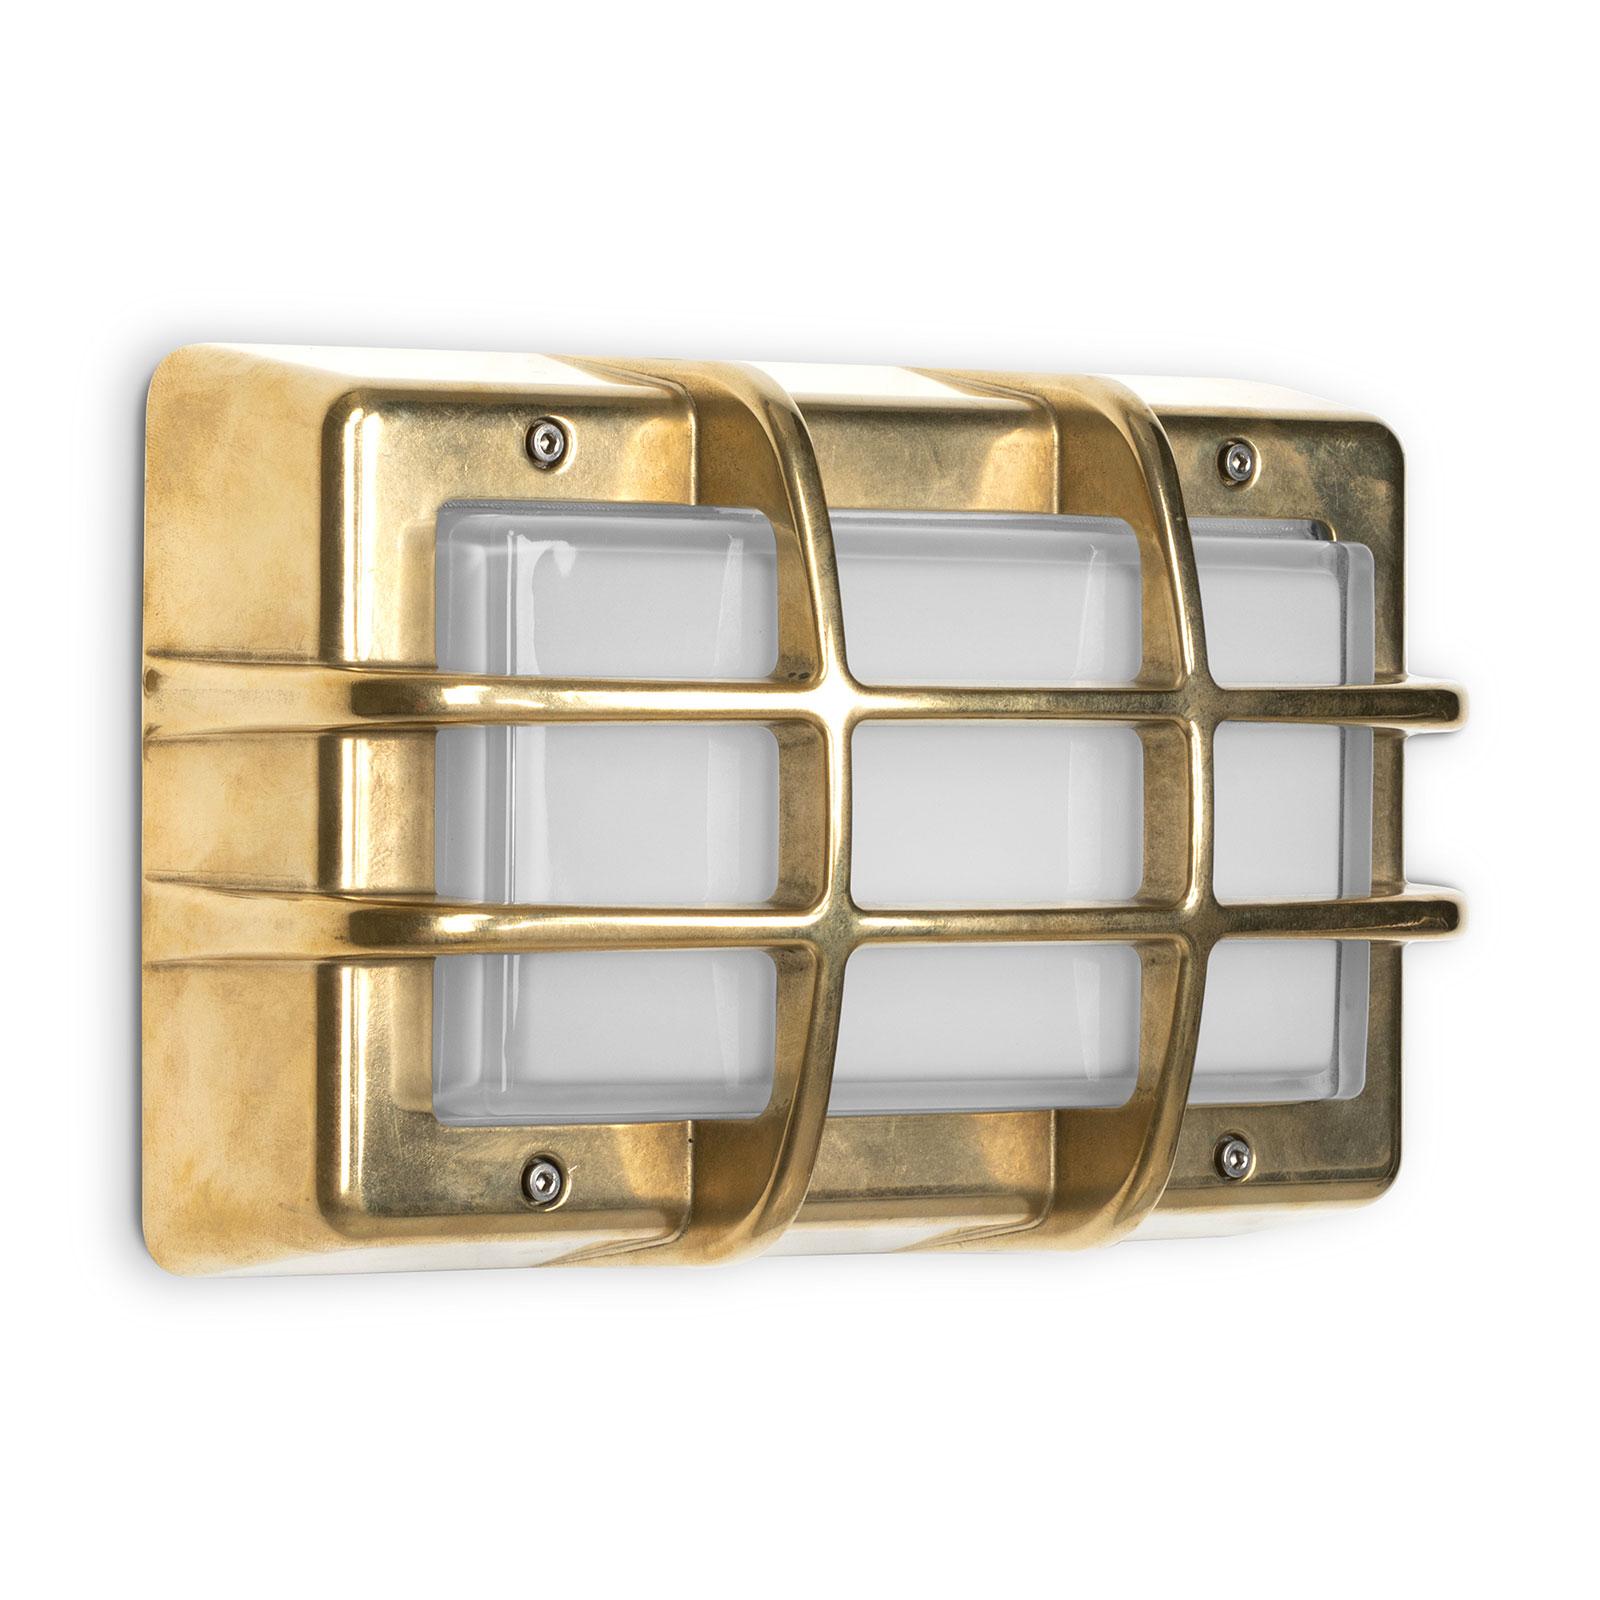 Utendørs LED-vegglampe Bliz Marine, 3000K, messing